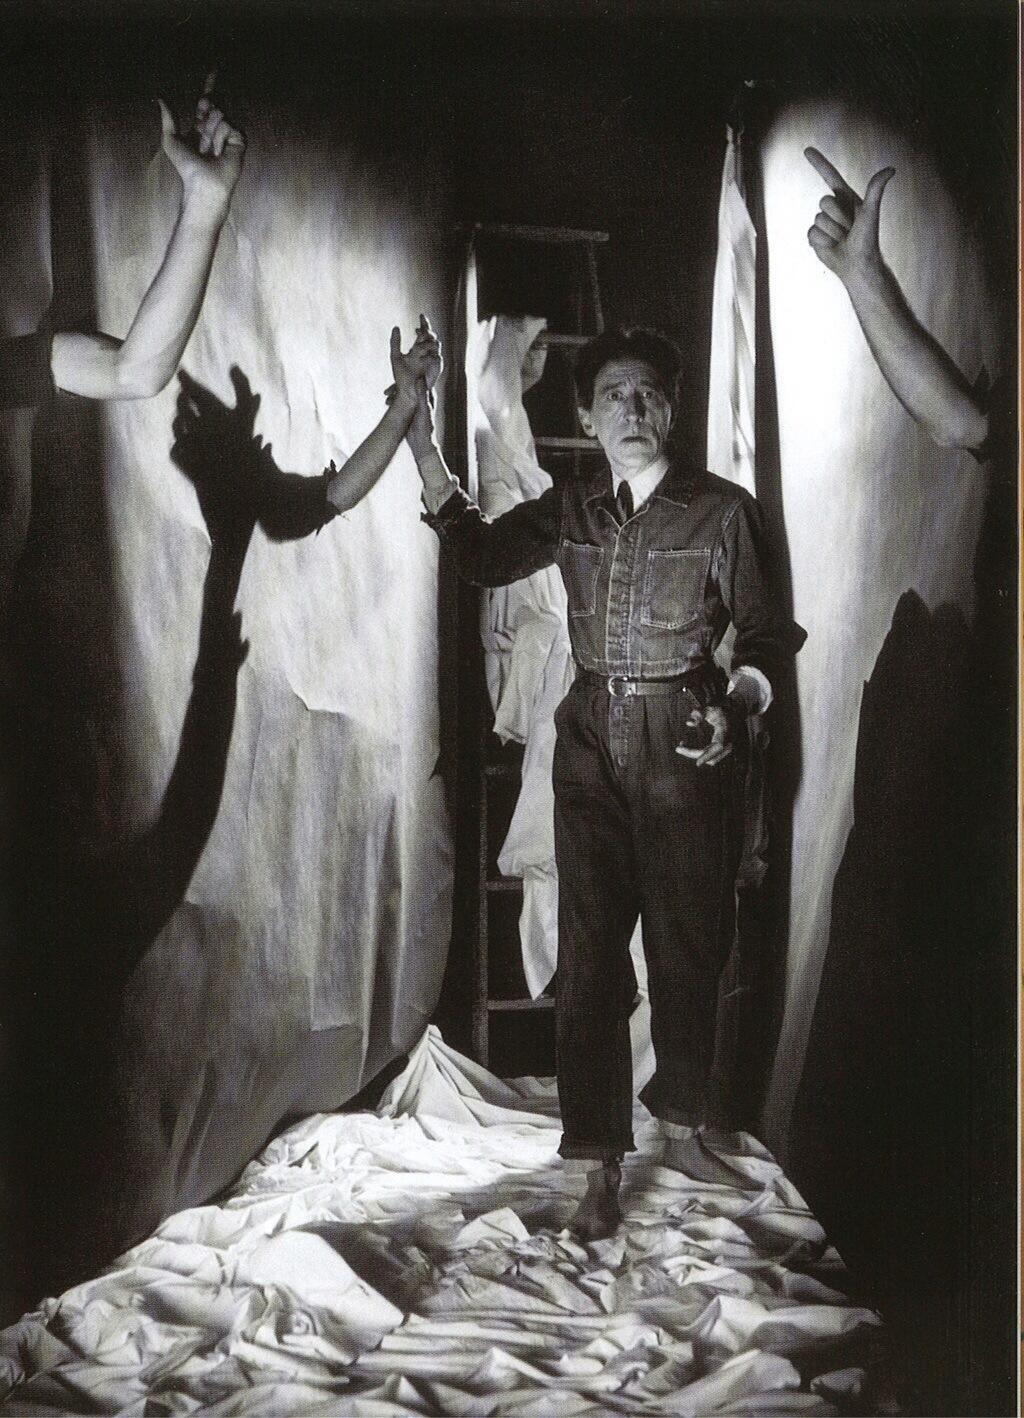 Soirée spéciale Cocteau avec conf' + lecture + projo de La belle et la bête : c'est demain à partir de 19h ! http://t.co/DvsO8p9dth